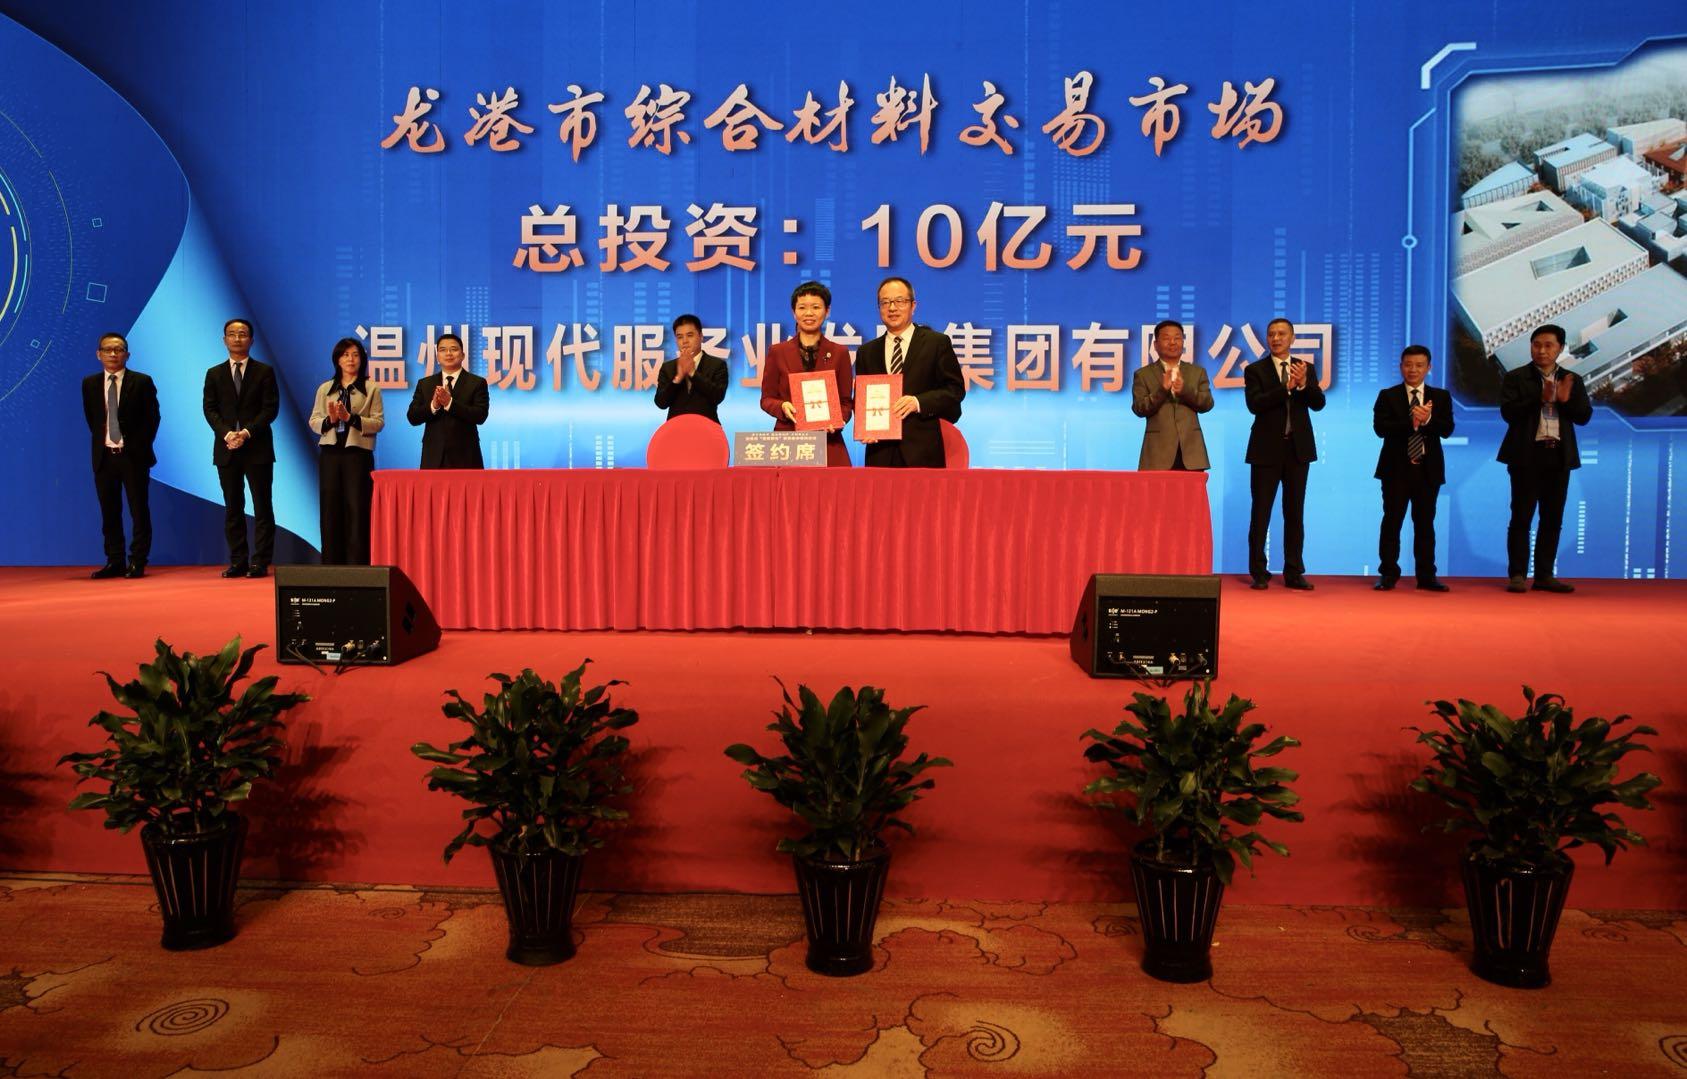 集tuan与long港市签订项目合作框架协议